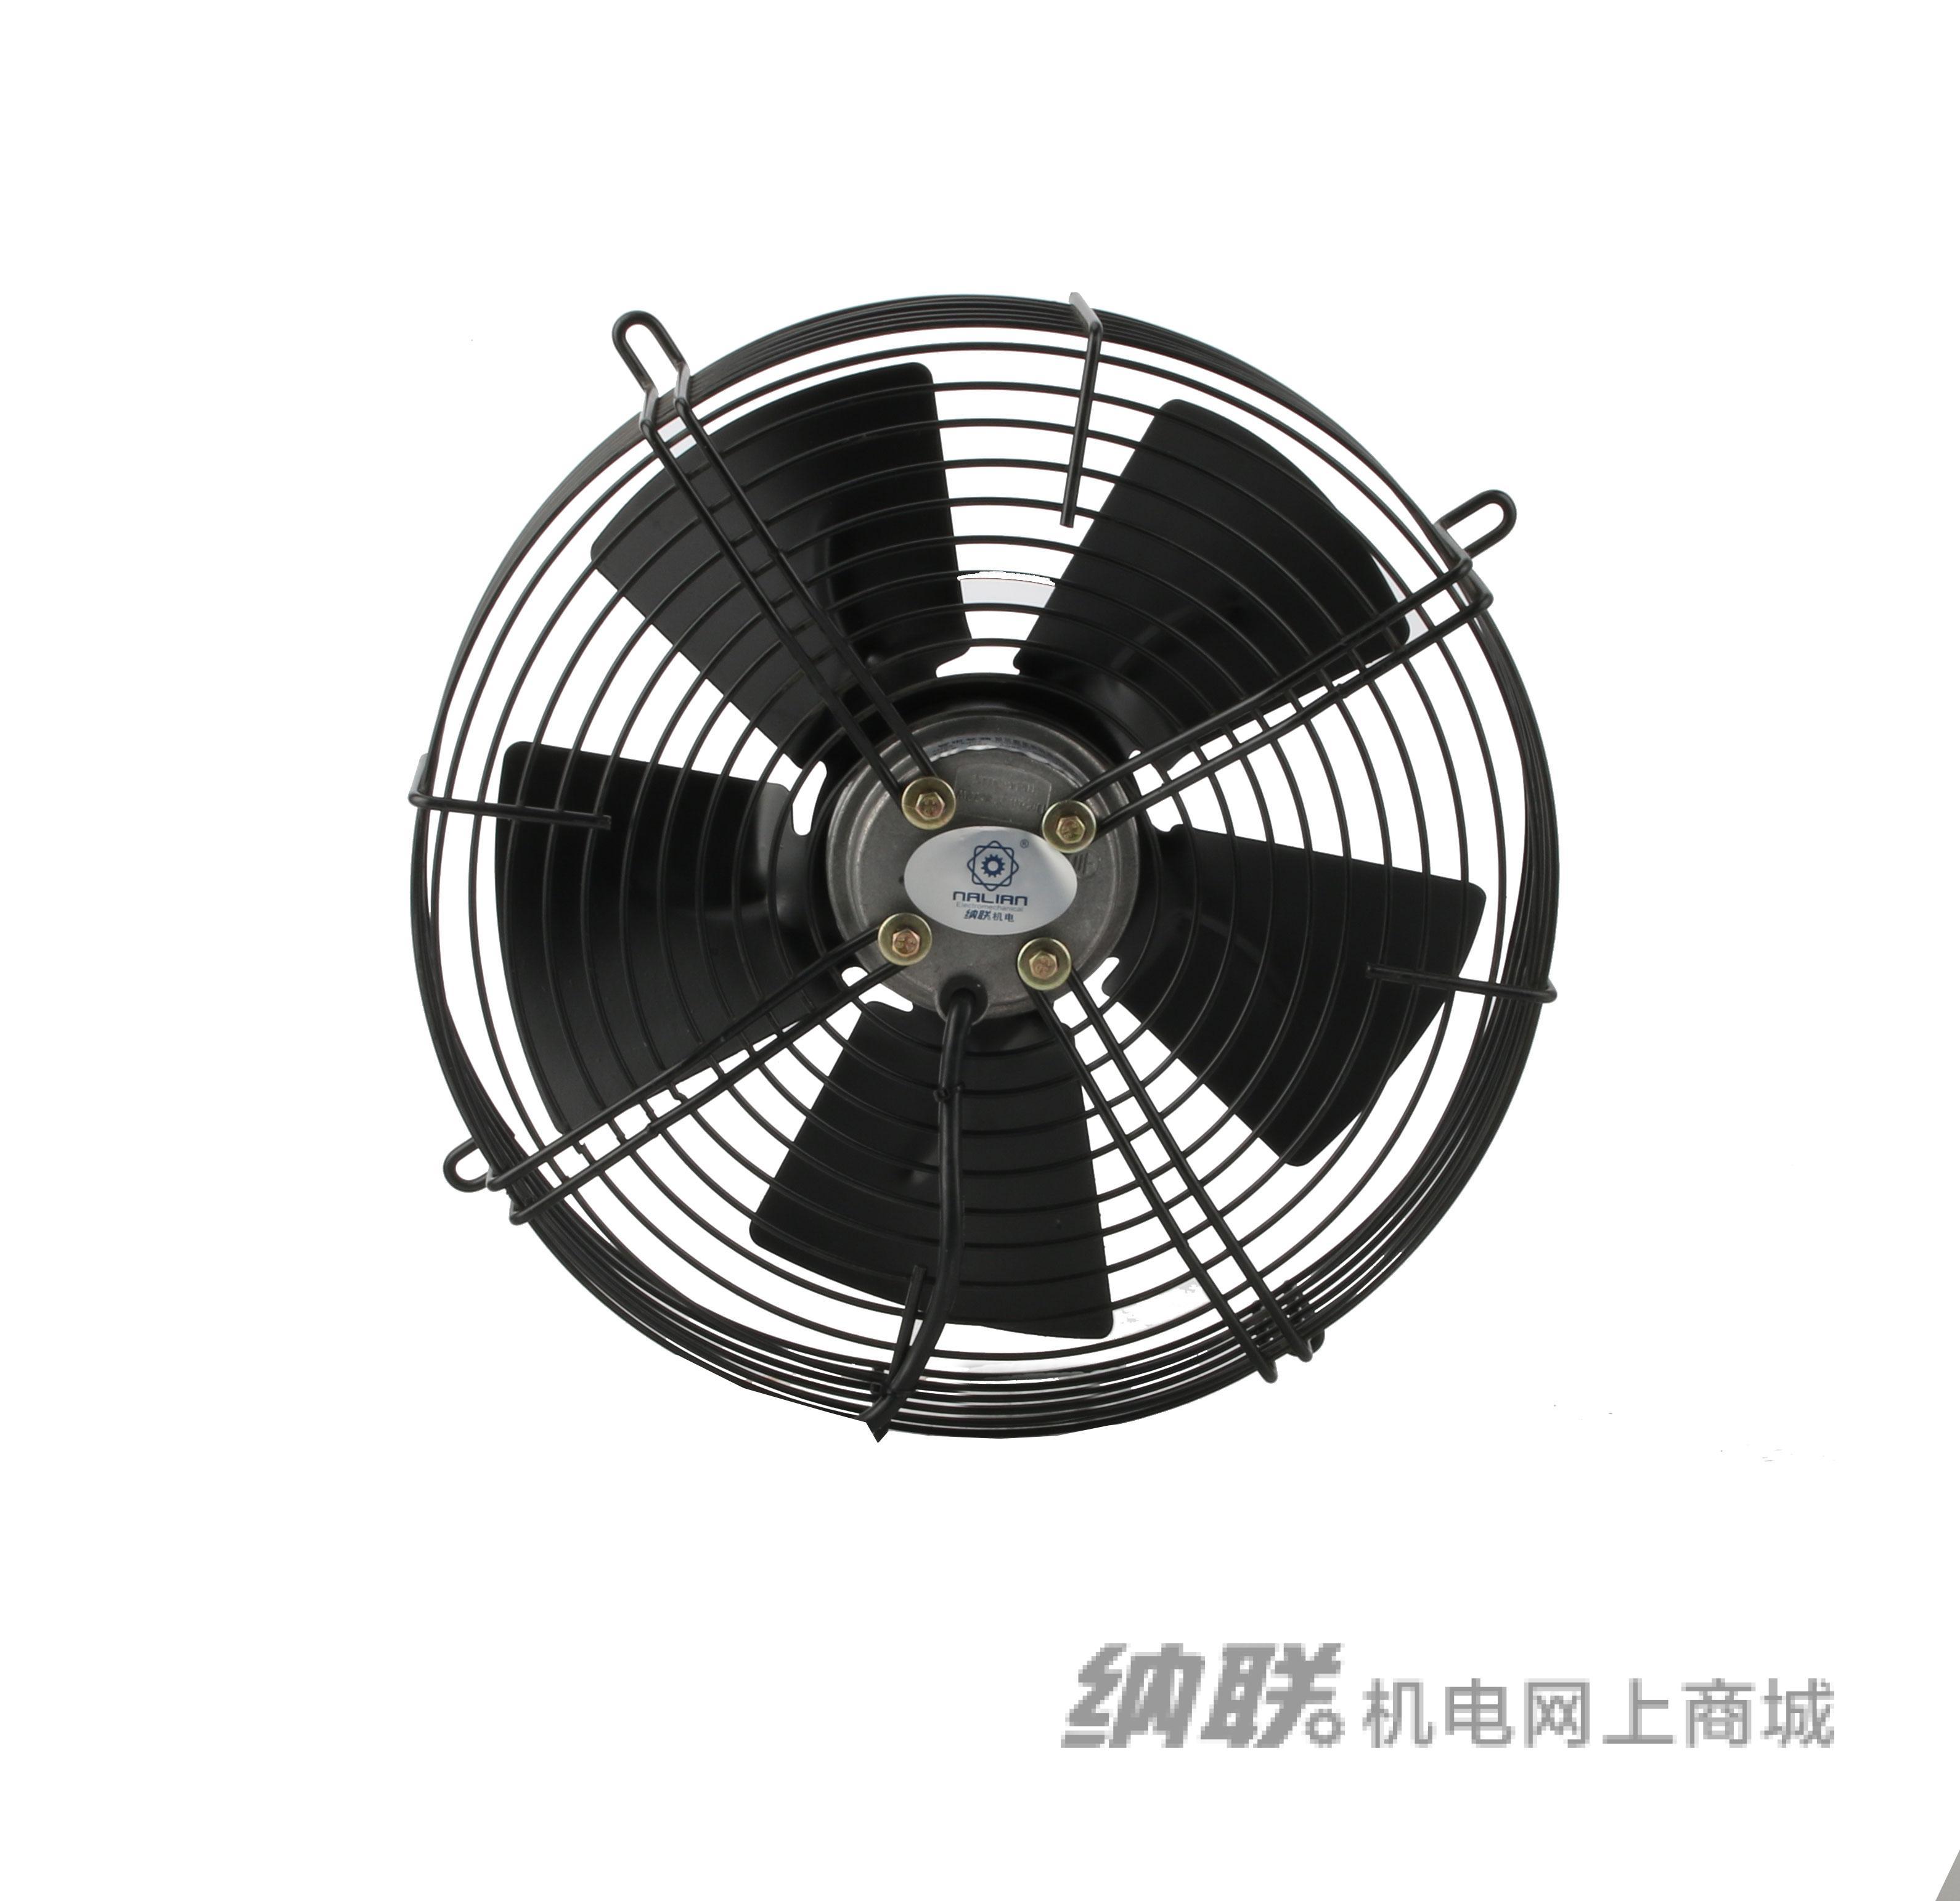 纳联机电 外转子轴流风机-YWF4D-400网罩 三